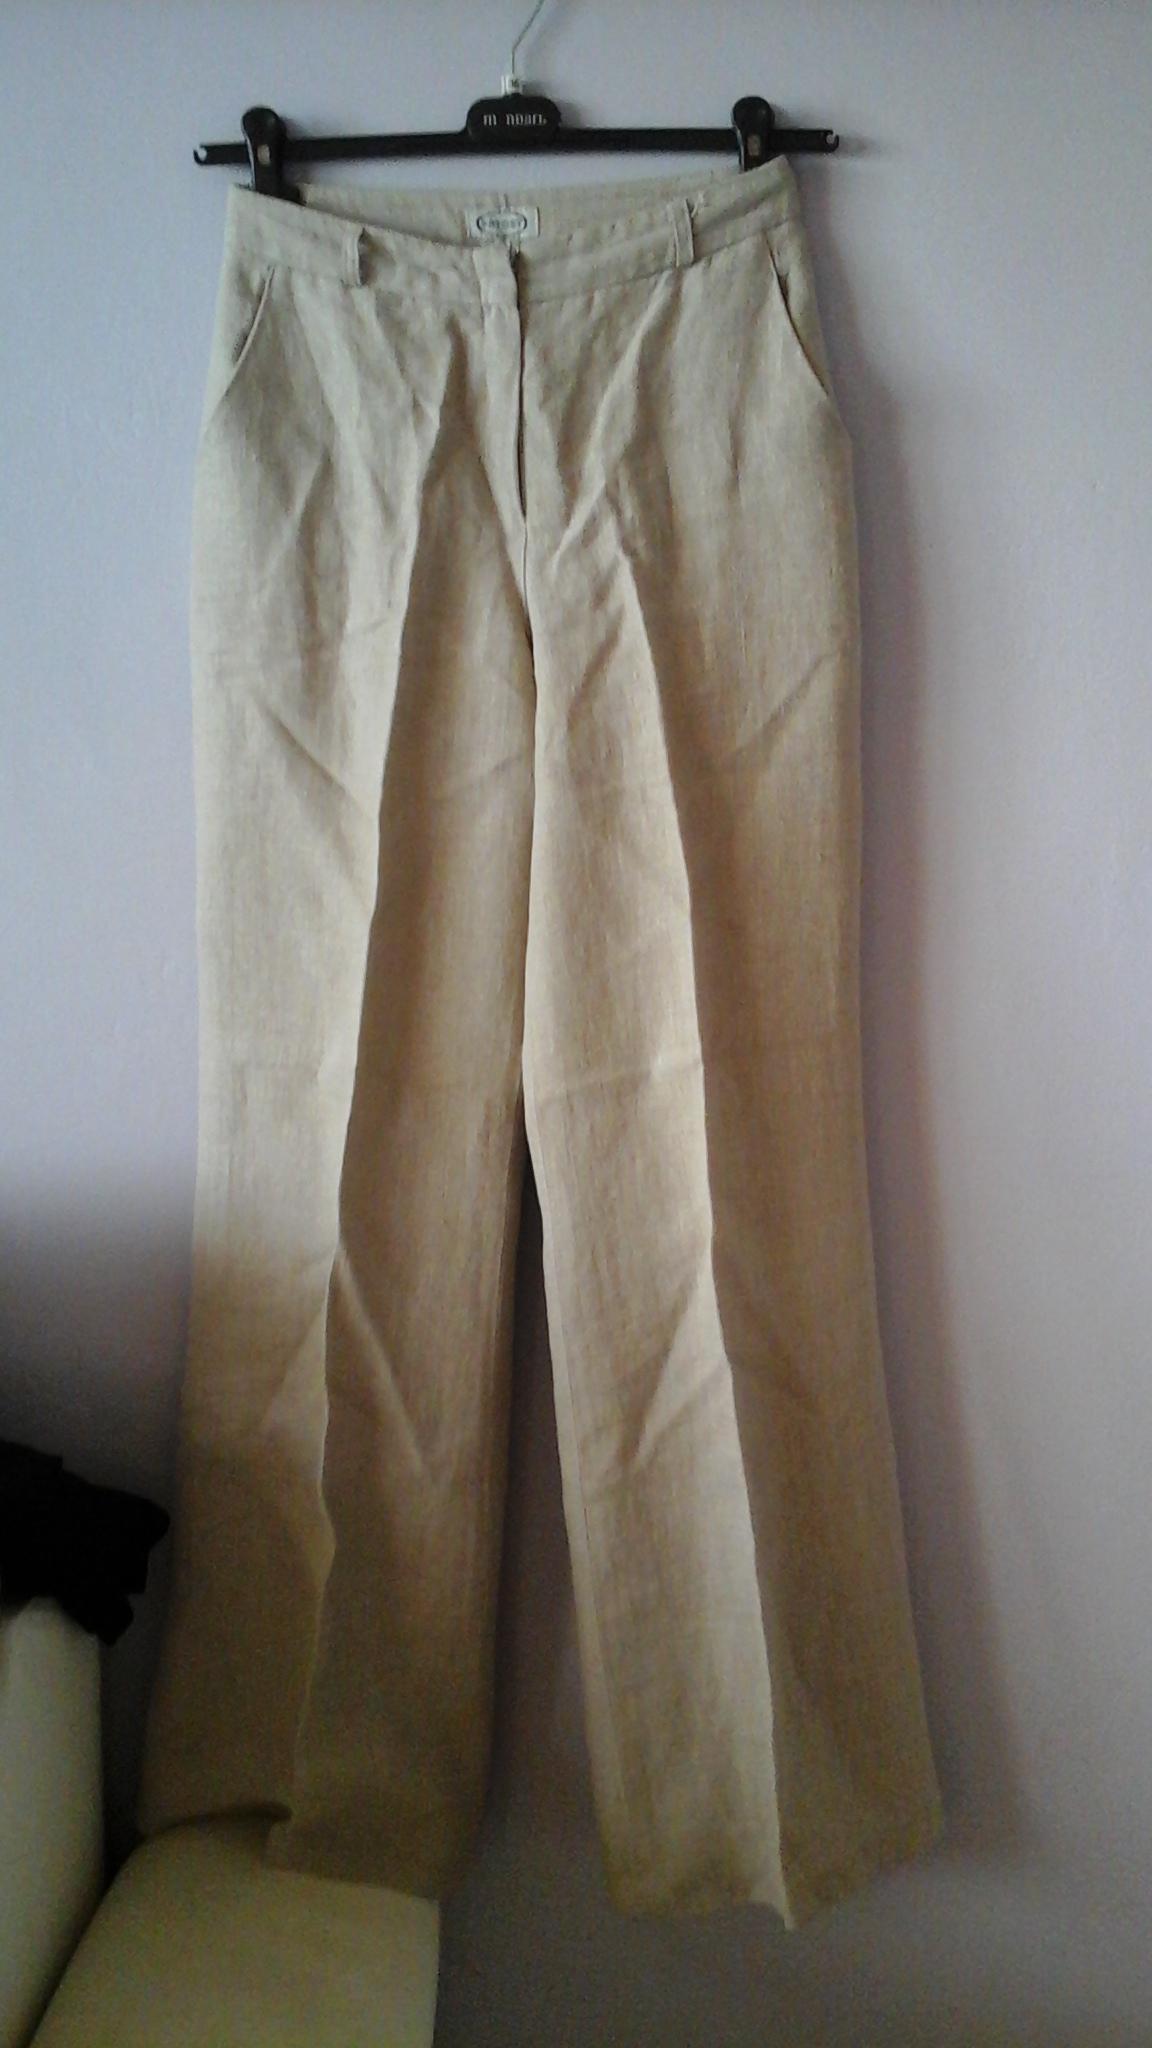 BATORY spodnie lniane, len, szerokie, r.38 7337850531